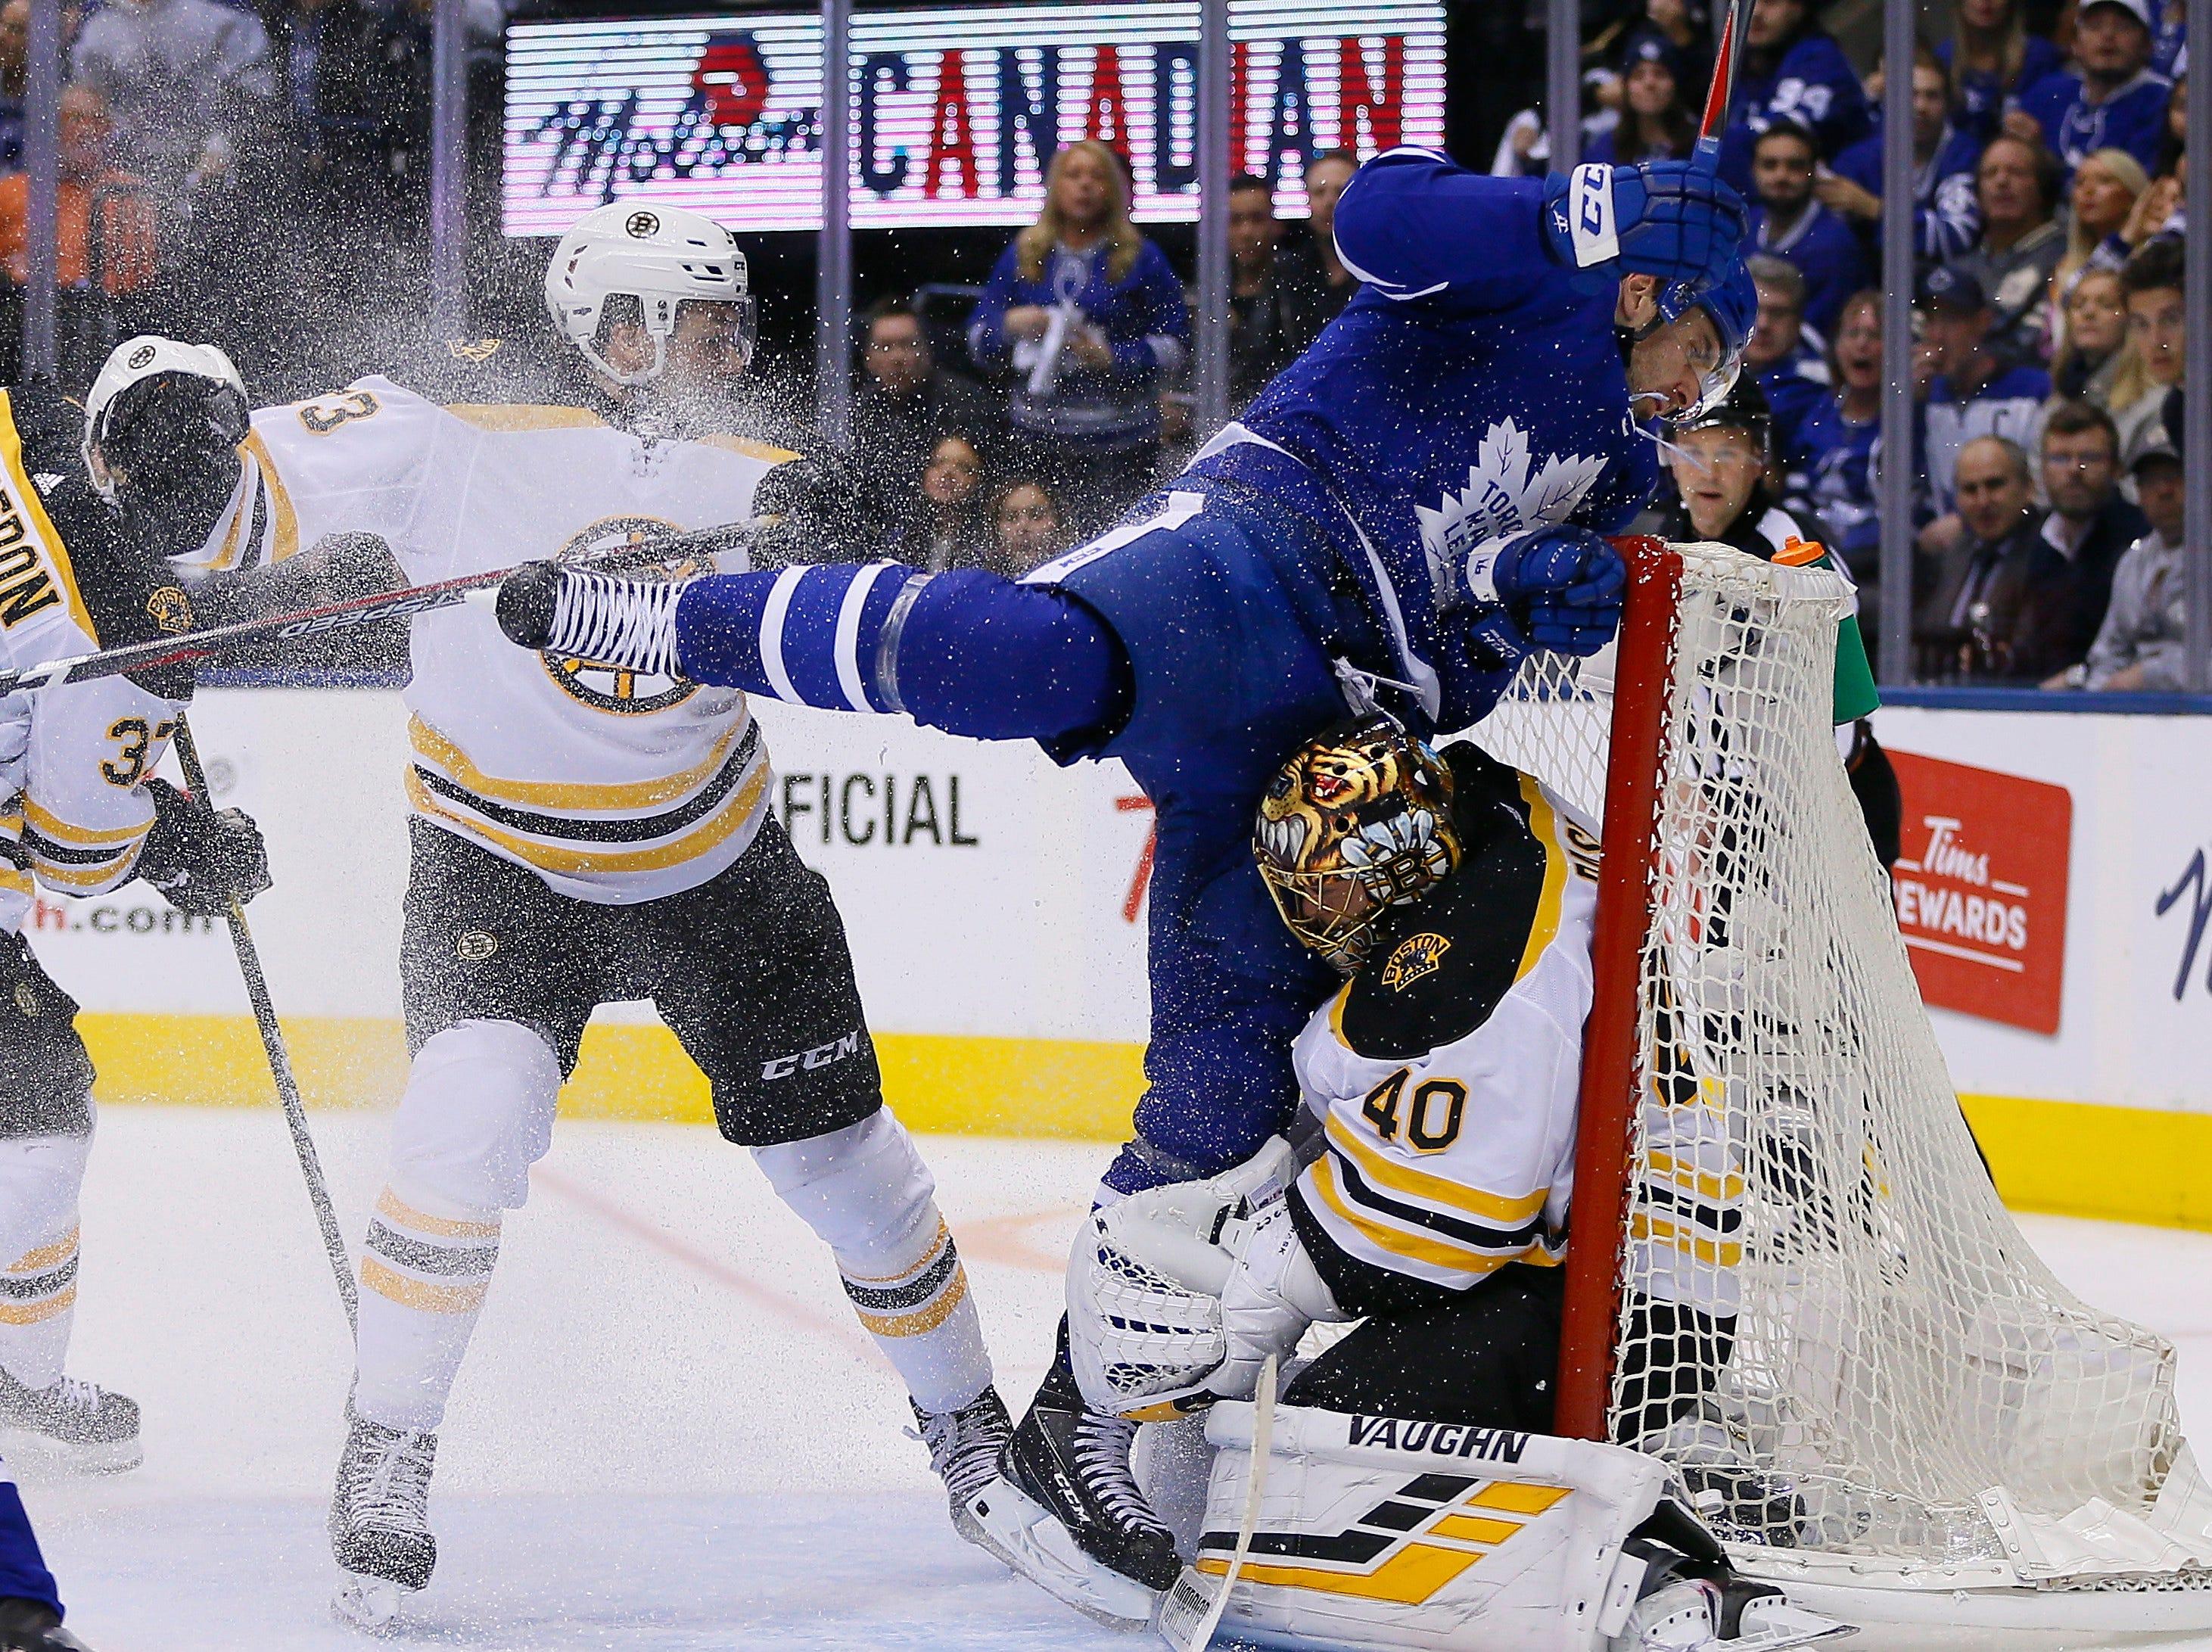 First round: Toronto Maple Leafs forward John Tavares (91) crashes into Boston Bruins goaltender Tuukka Rask (40) during the second period of Game 3.